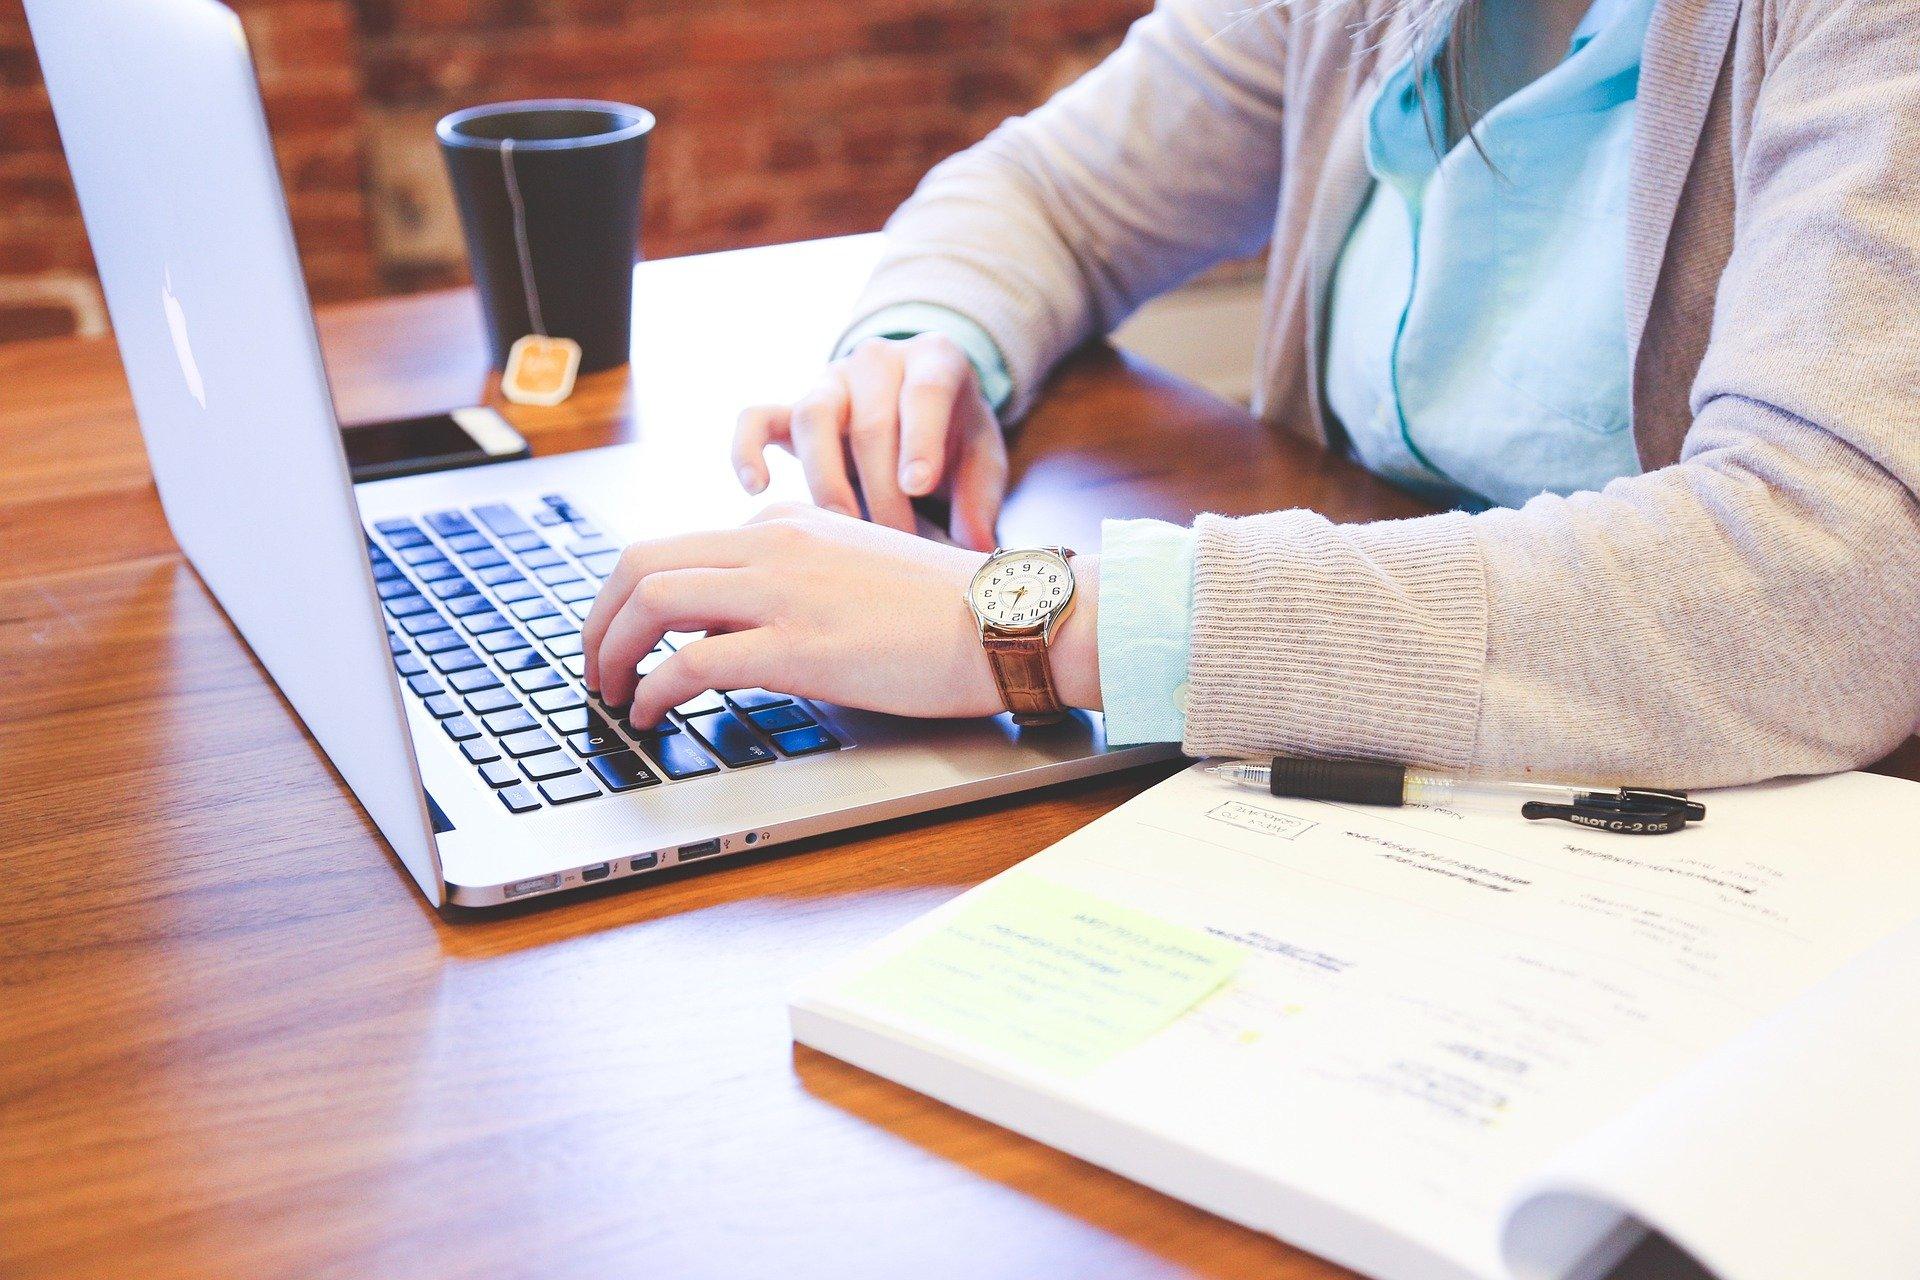 Man er ofte afhængig af internettet for at kunne arbejde